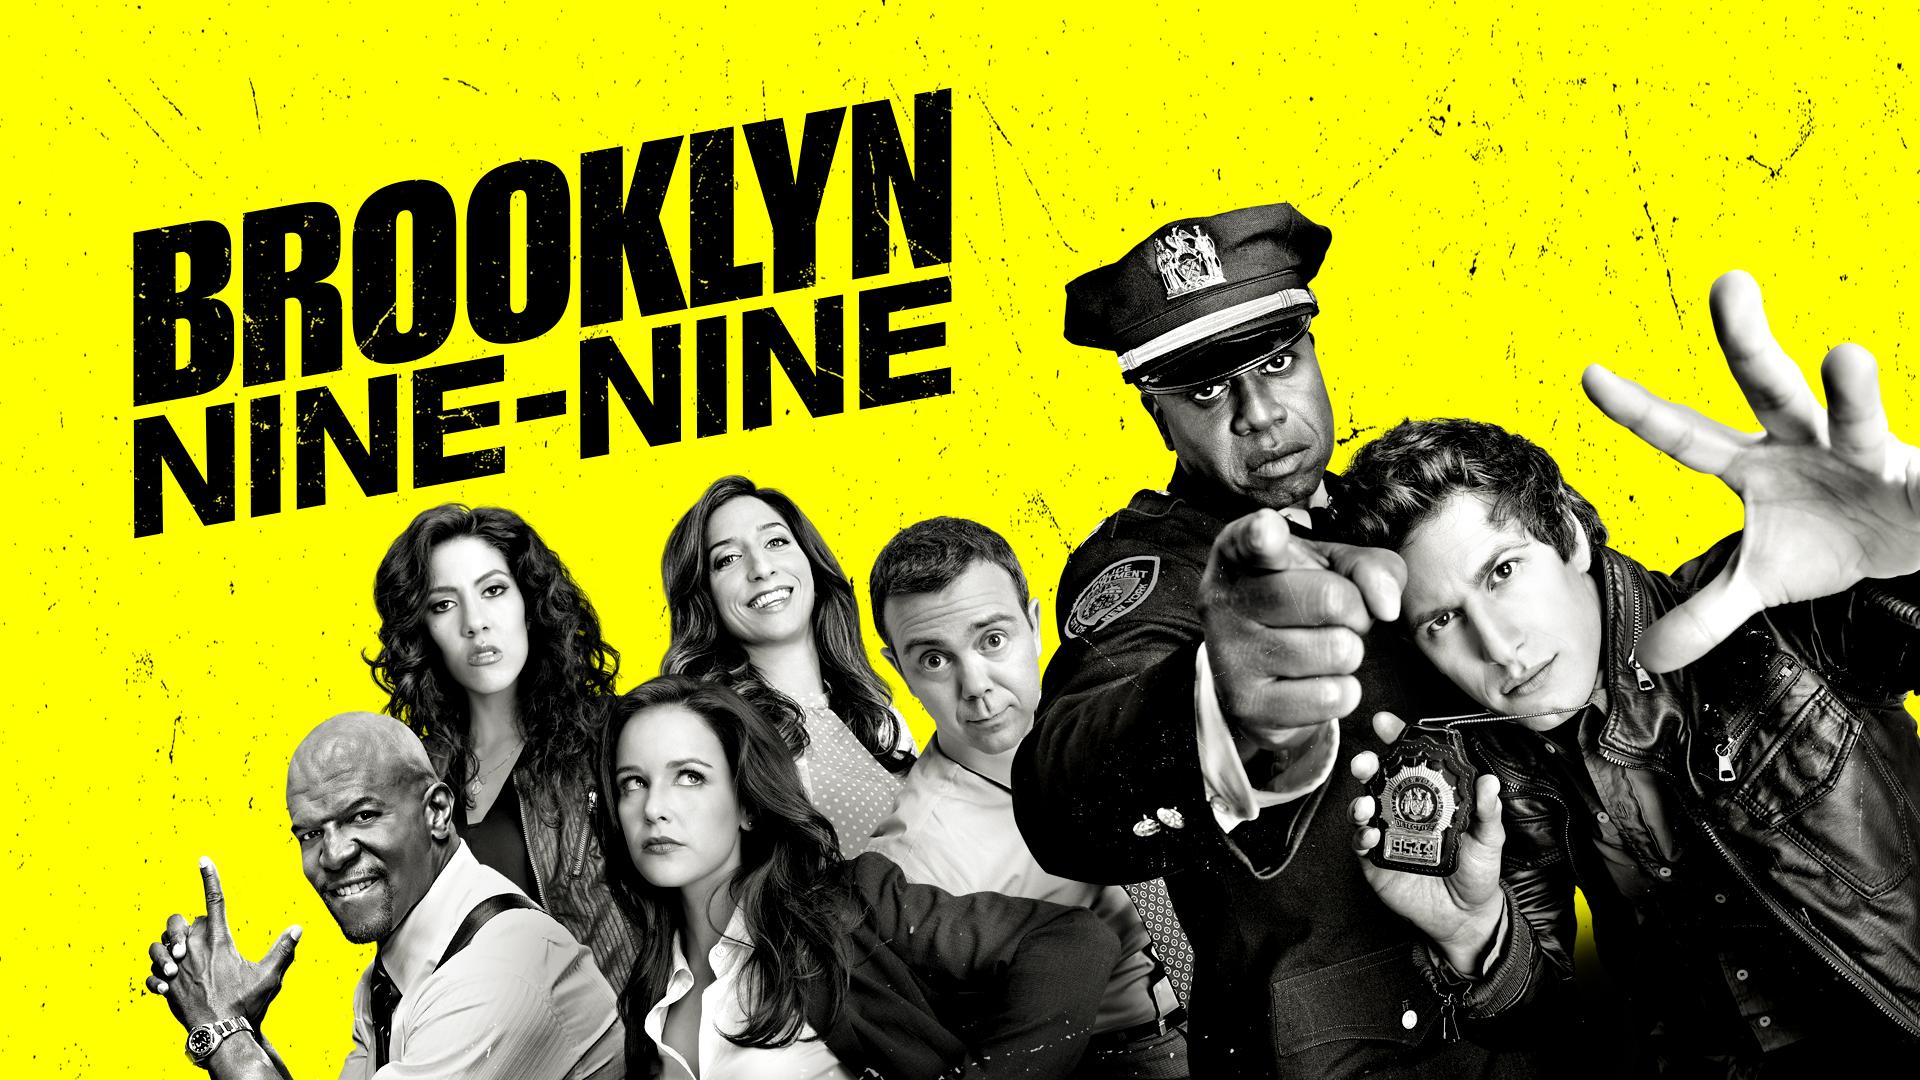 Brooklyn Nine Nine Wallpapers Pack Download   FLGX DB 1920x1080